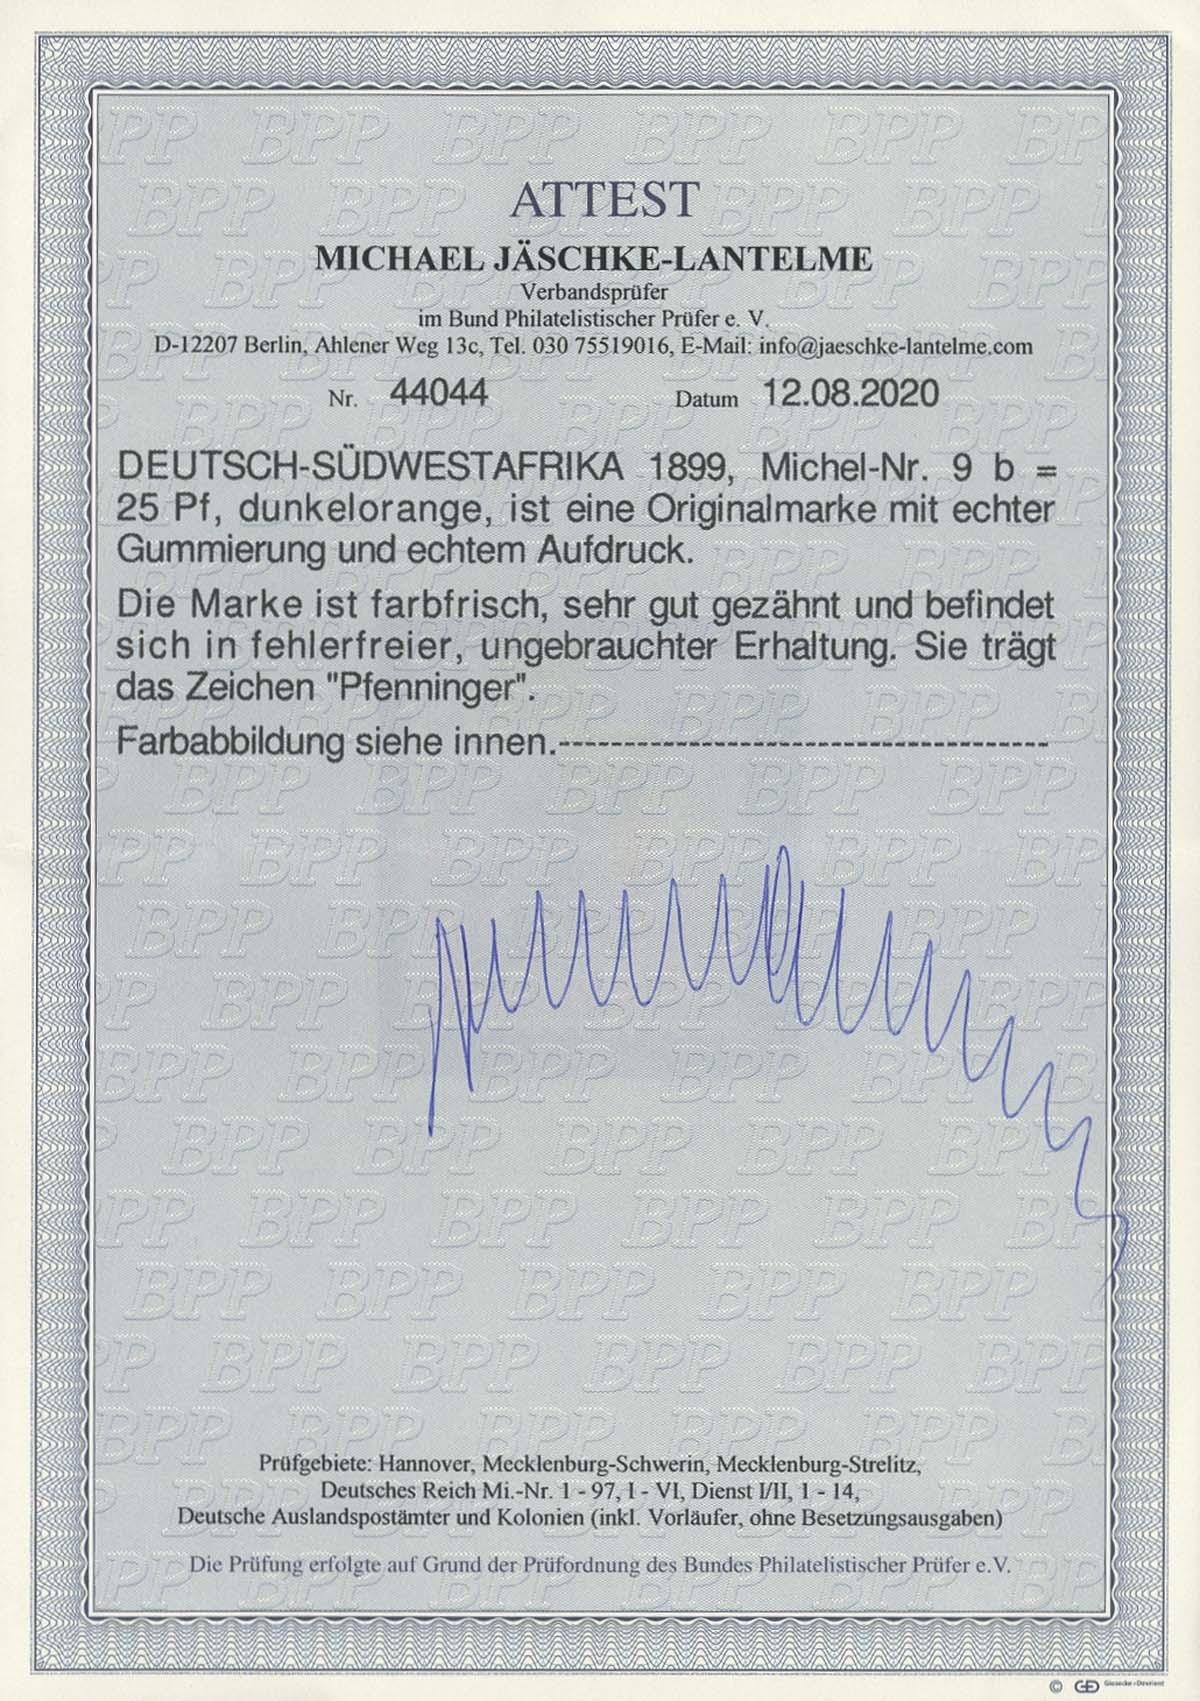 Lot 4481 - Auslandspostämter & Kolonien_Deutsch-Südwestafrika_Markenausgaben  -  Auktionshaus Ulrich Felzmann GmbH & Co. KG Auction 170 International Autumn Auction 2020 Day 4